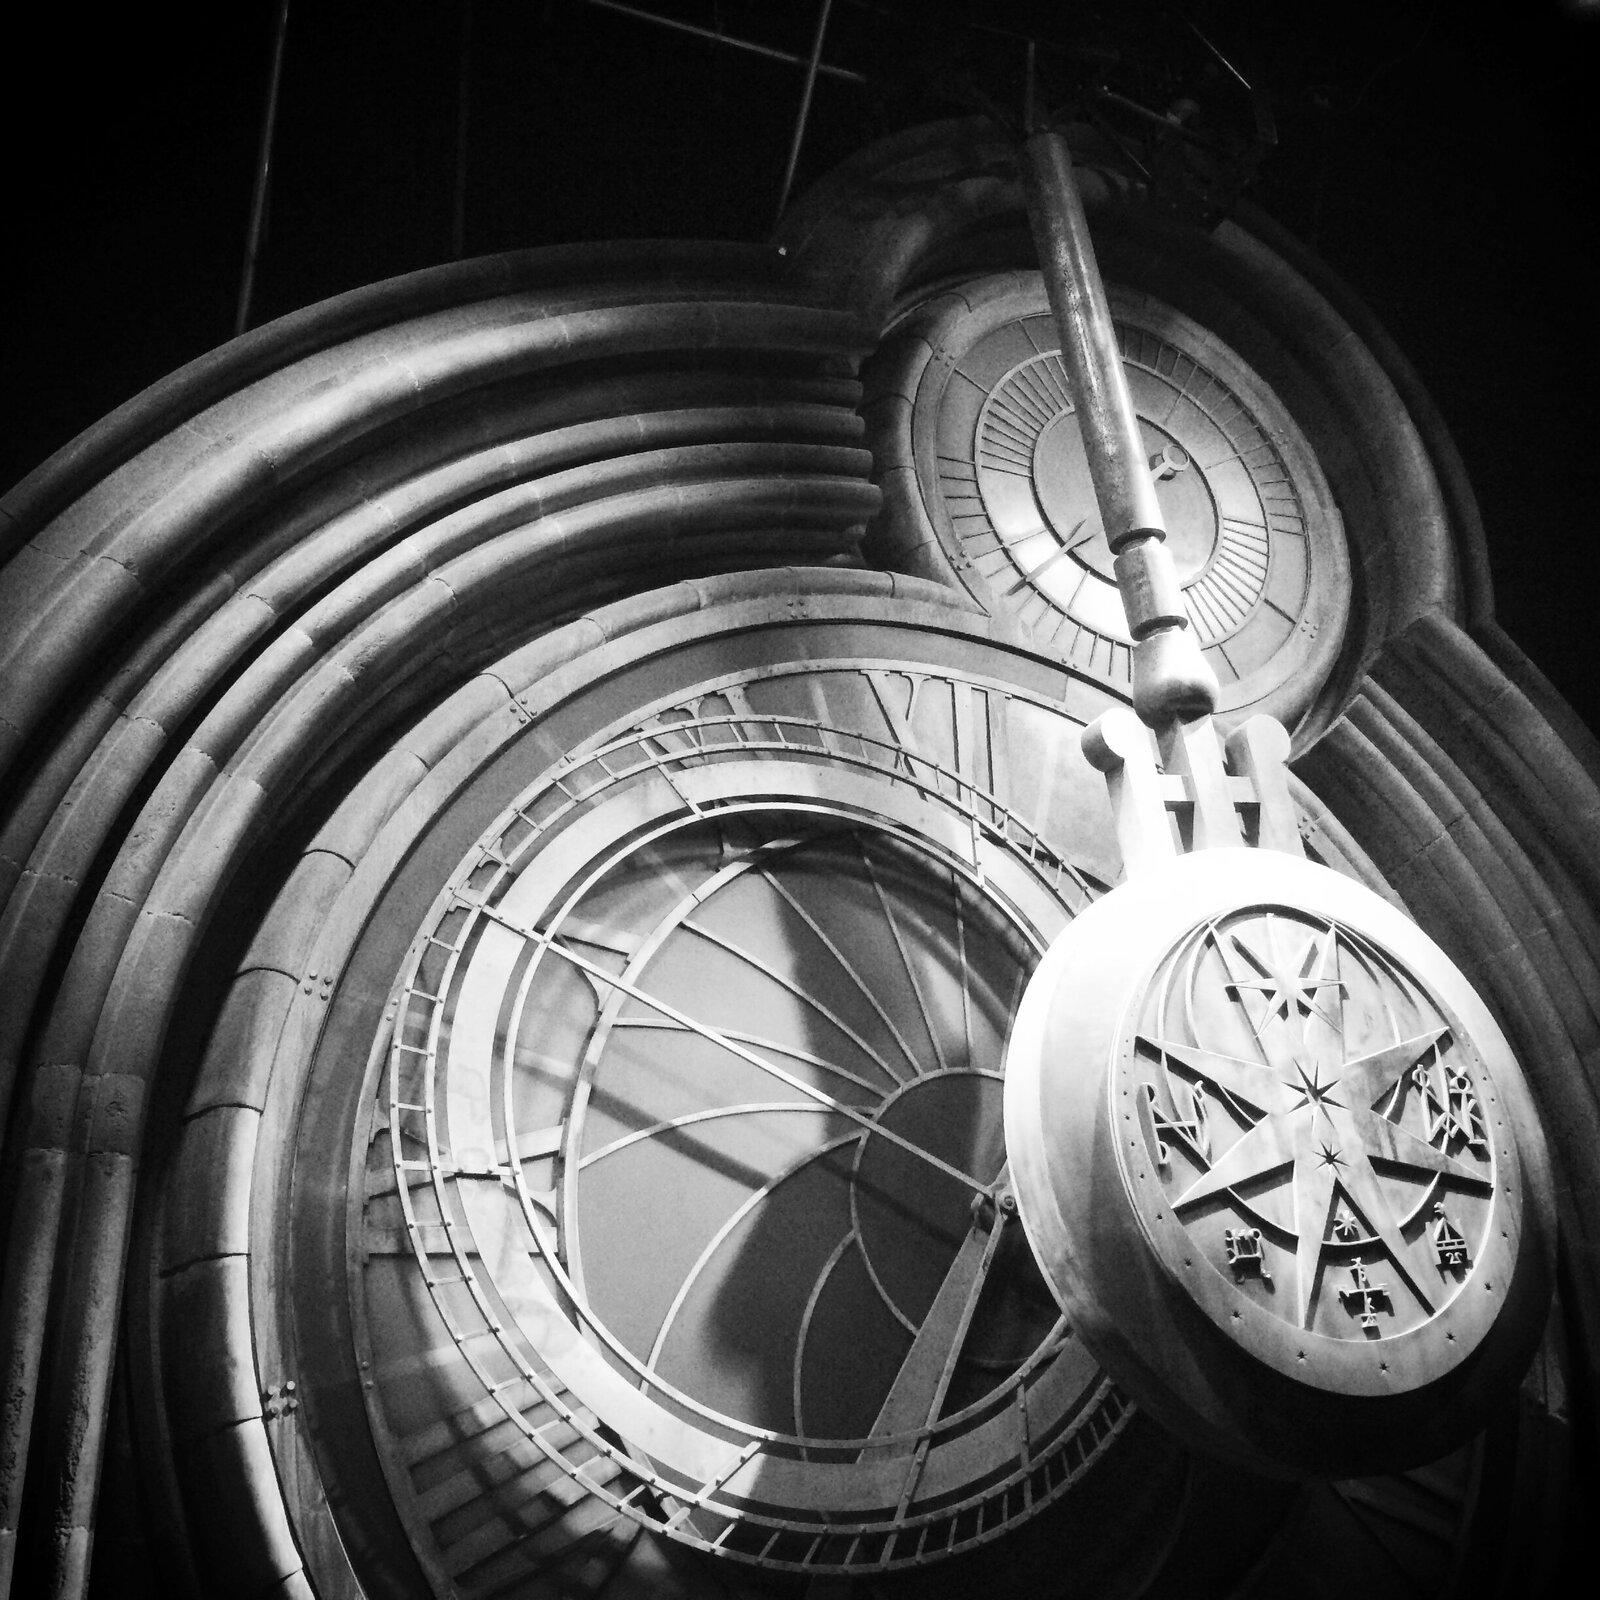 Czarnobiała fotografia okwadratowym układzie przedstawiająca wahadło zabytkowego zegara zwieży kościelnej zdobione symbolami astronomicznymi. Na tle odchylonego wahadła dwie tarcze zegarowe: większa wskazuje godziny ifazy księżyca oraz mniejsza minutowa umieszczona wgórnej części. Dookoła tarczy murowane wykończenie.